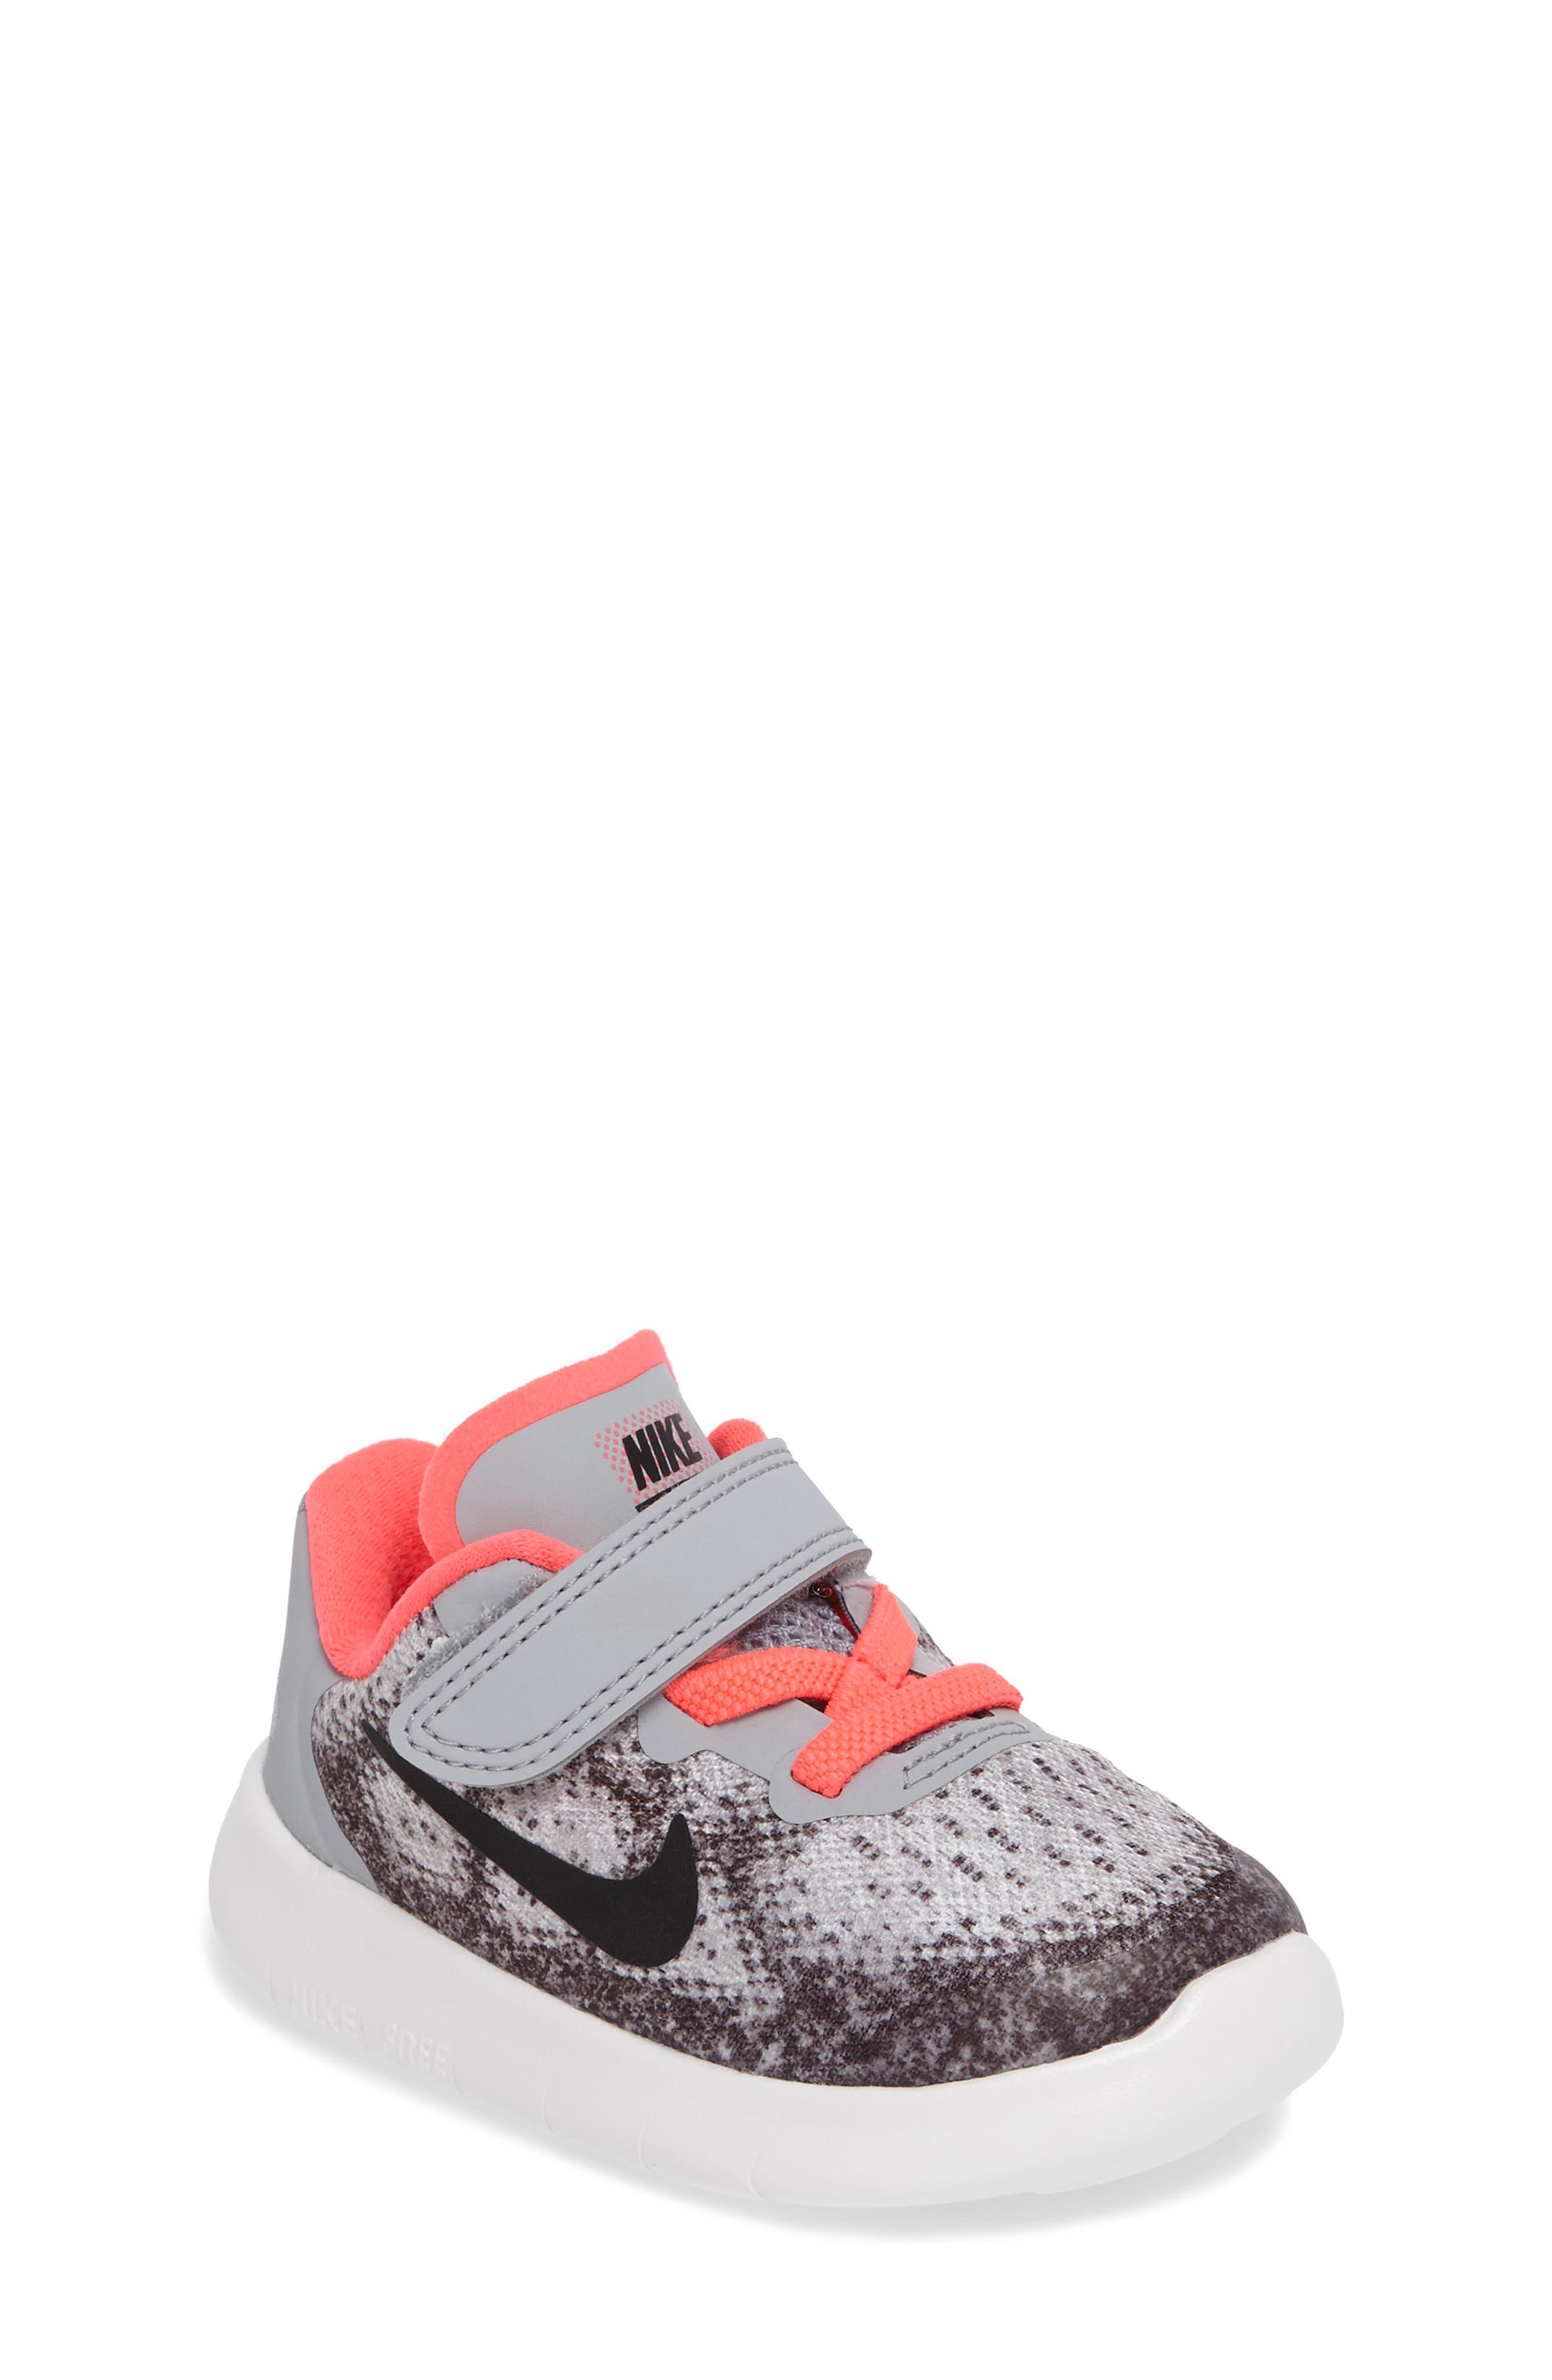 NIKE Free Run 2017 Sneaker